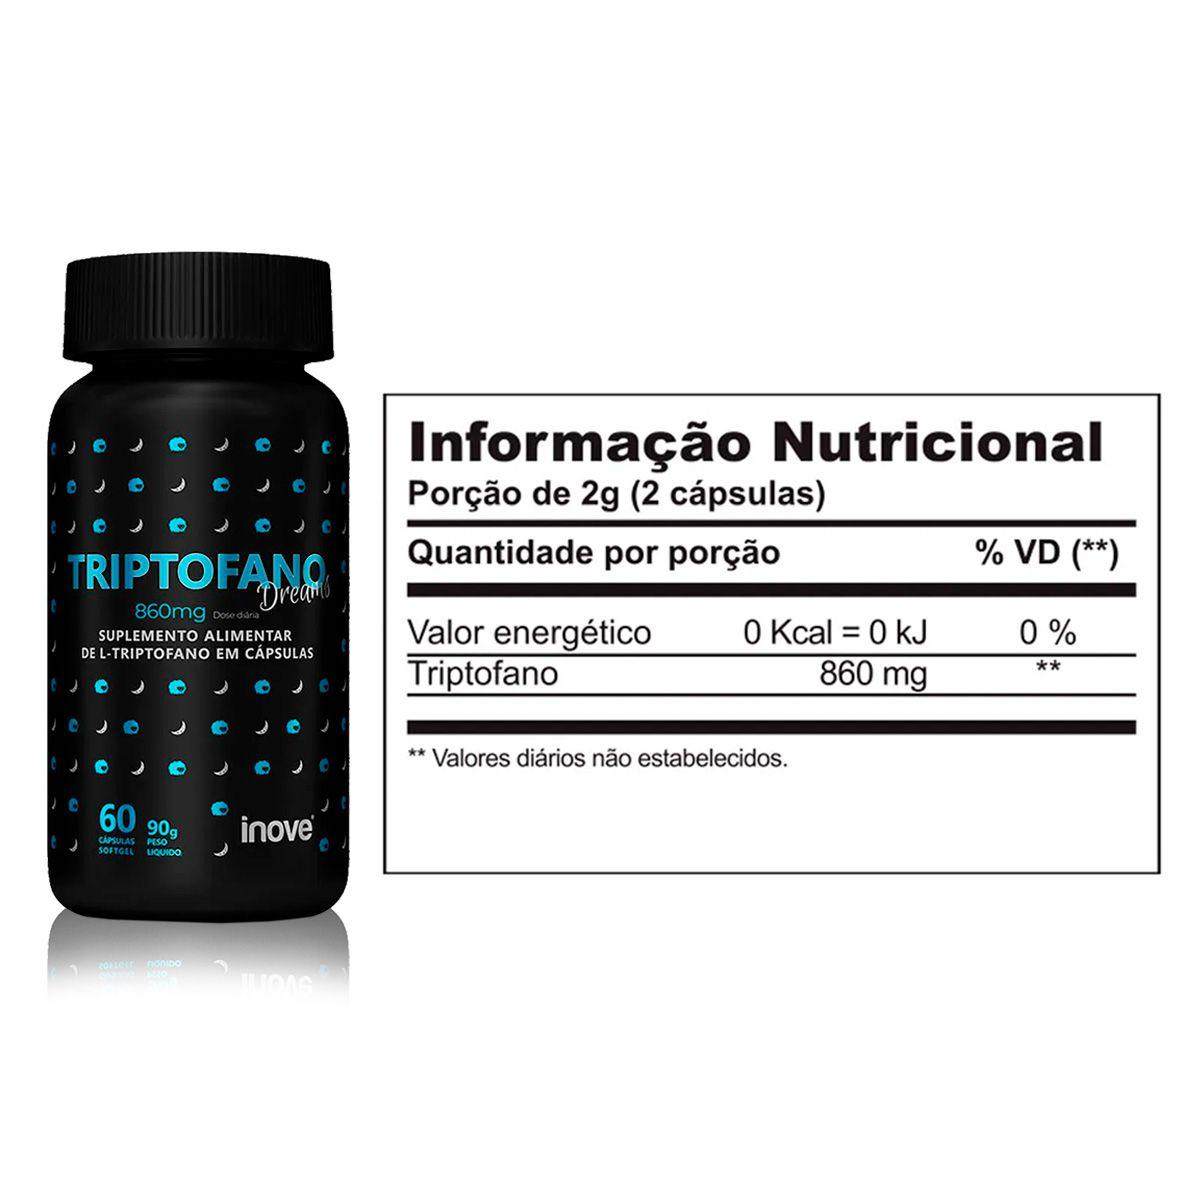 Triptofano Dreams 60 Cápsulas (860mg) - Inove Nutrition